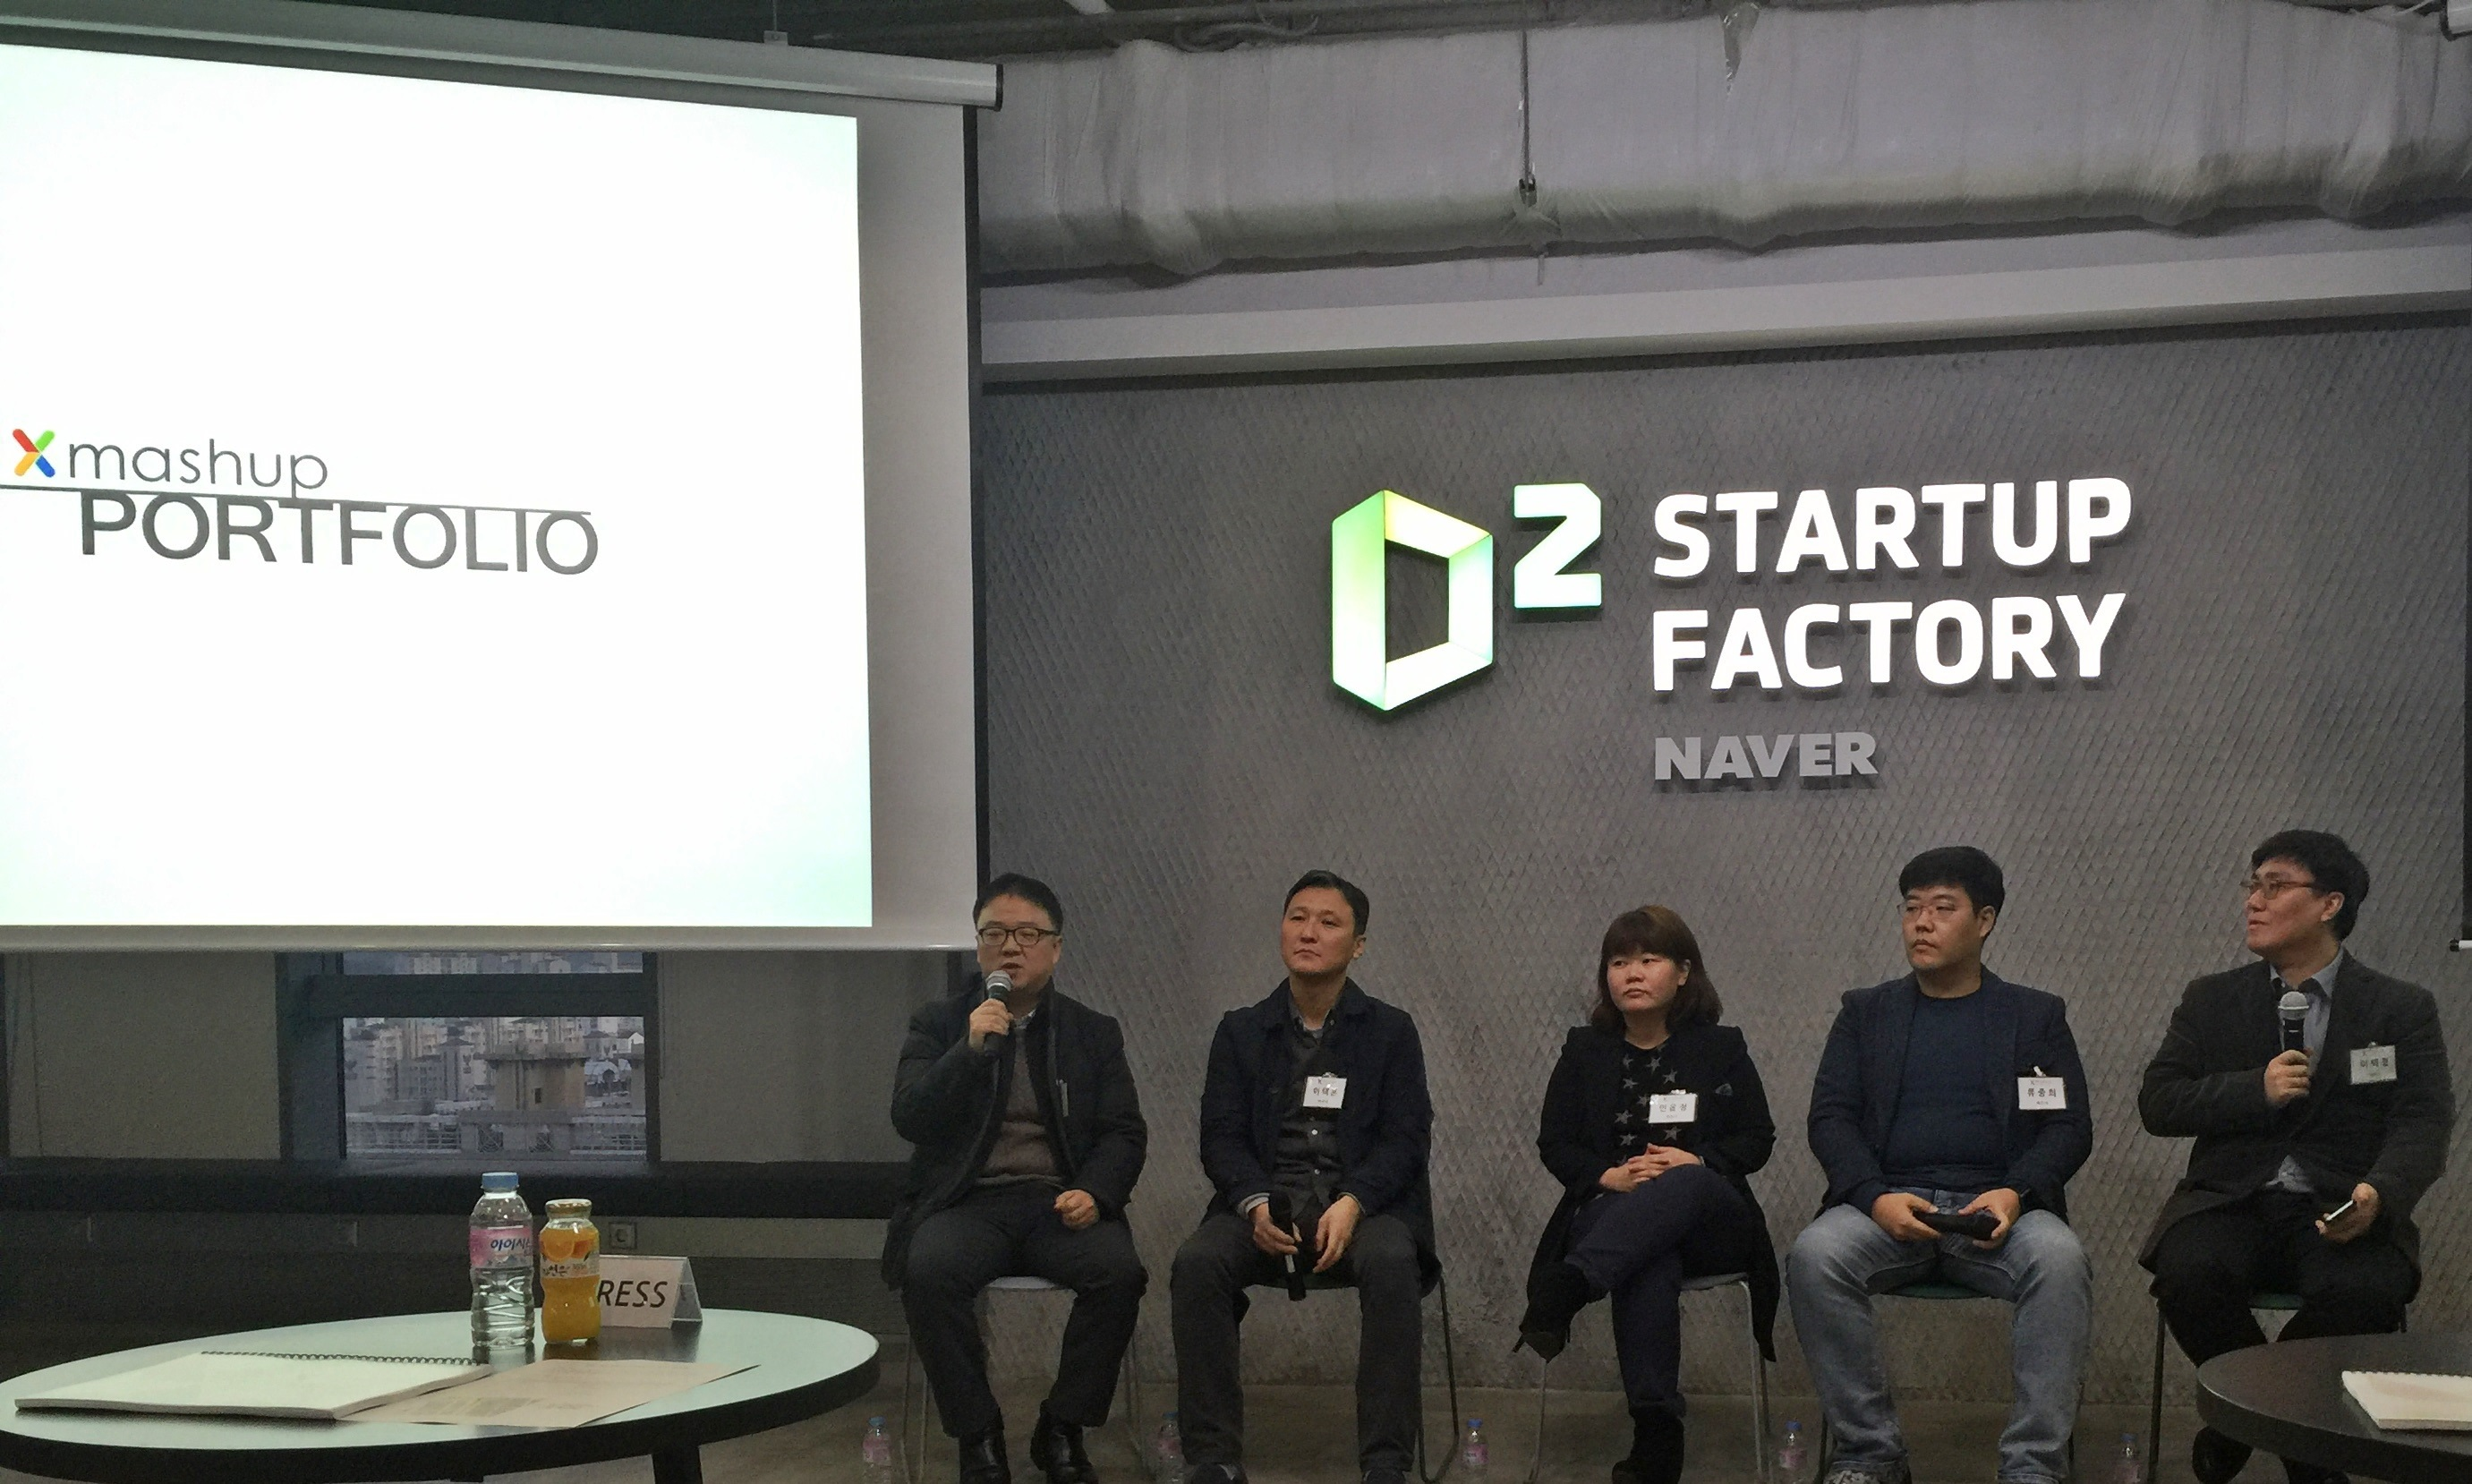 (왼쪽부터) 인상혁 파트너, 이택훈 파트너, 민윤정 파트너, 류중희 파트너, 이택경 대표 파트너